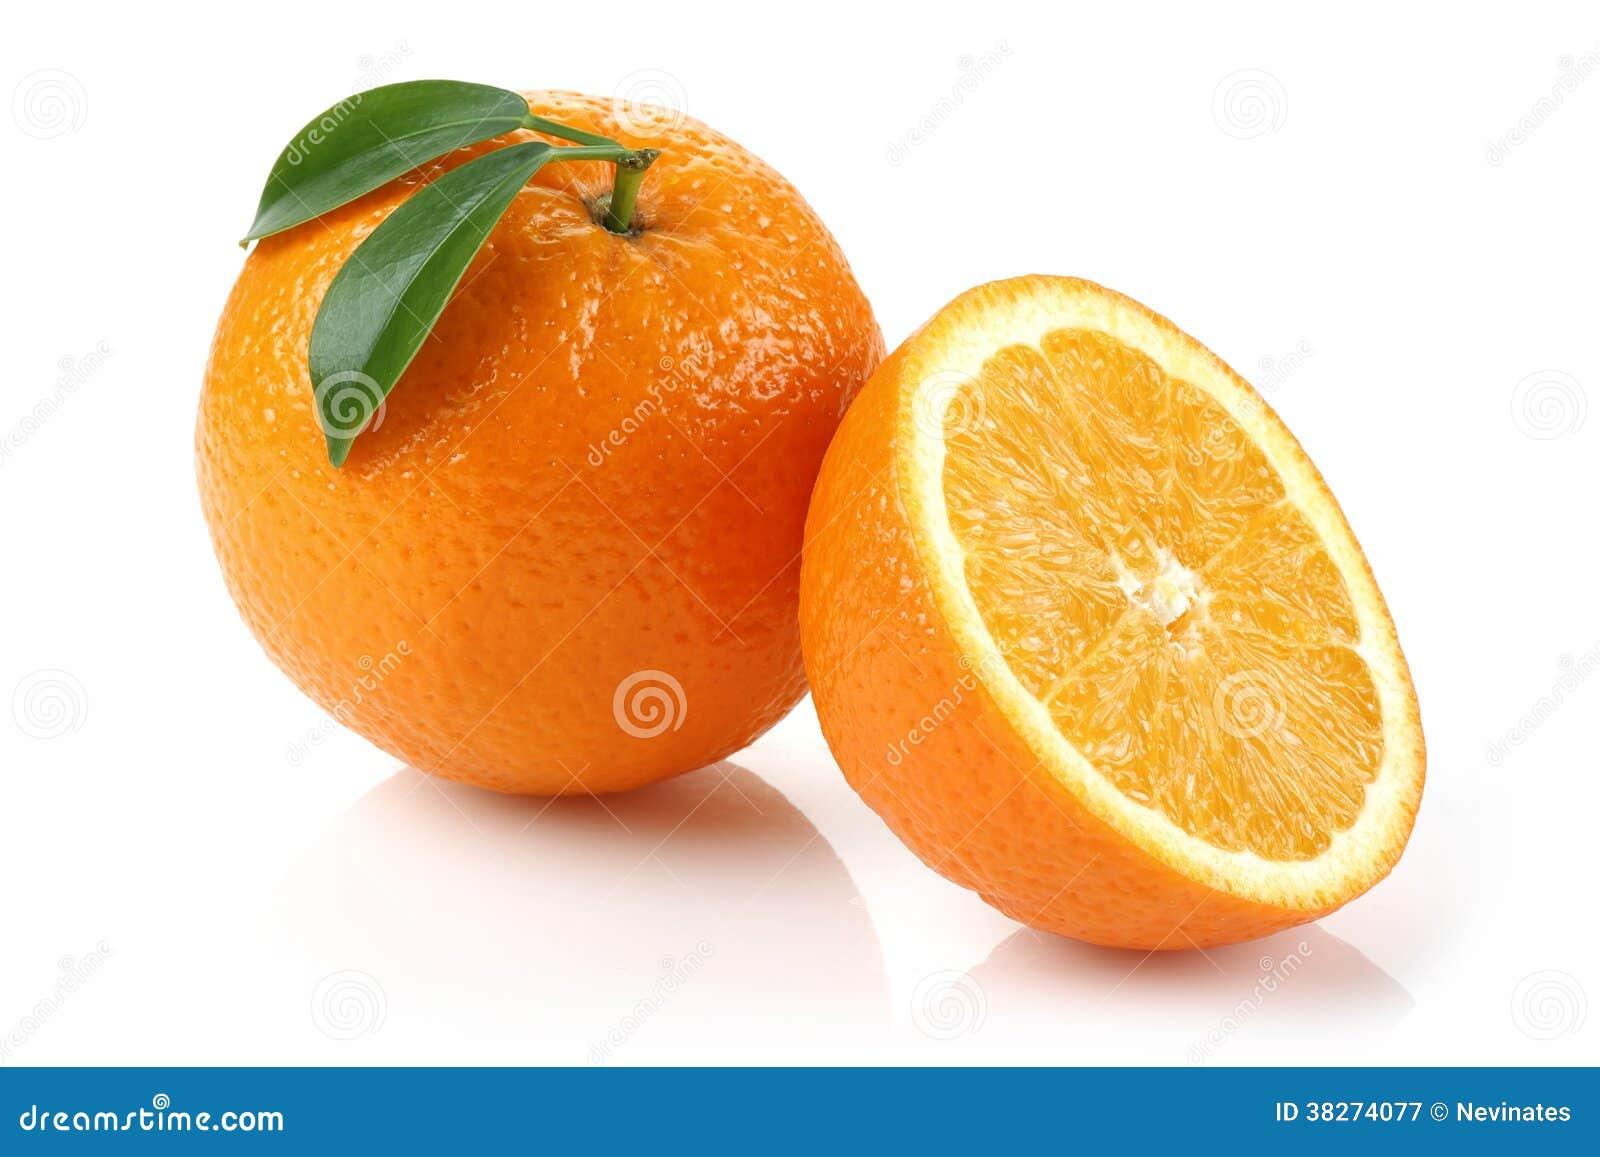 Half Orange and Orange